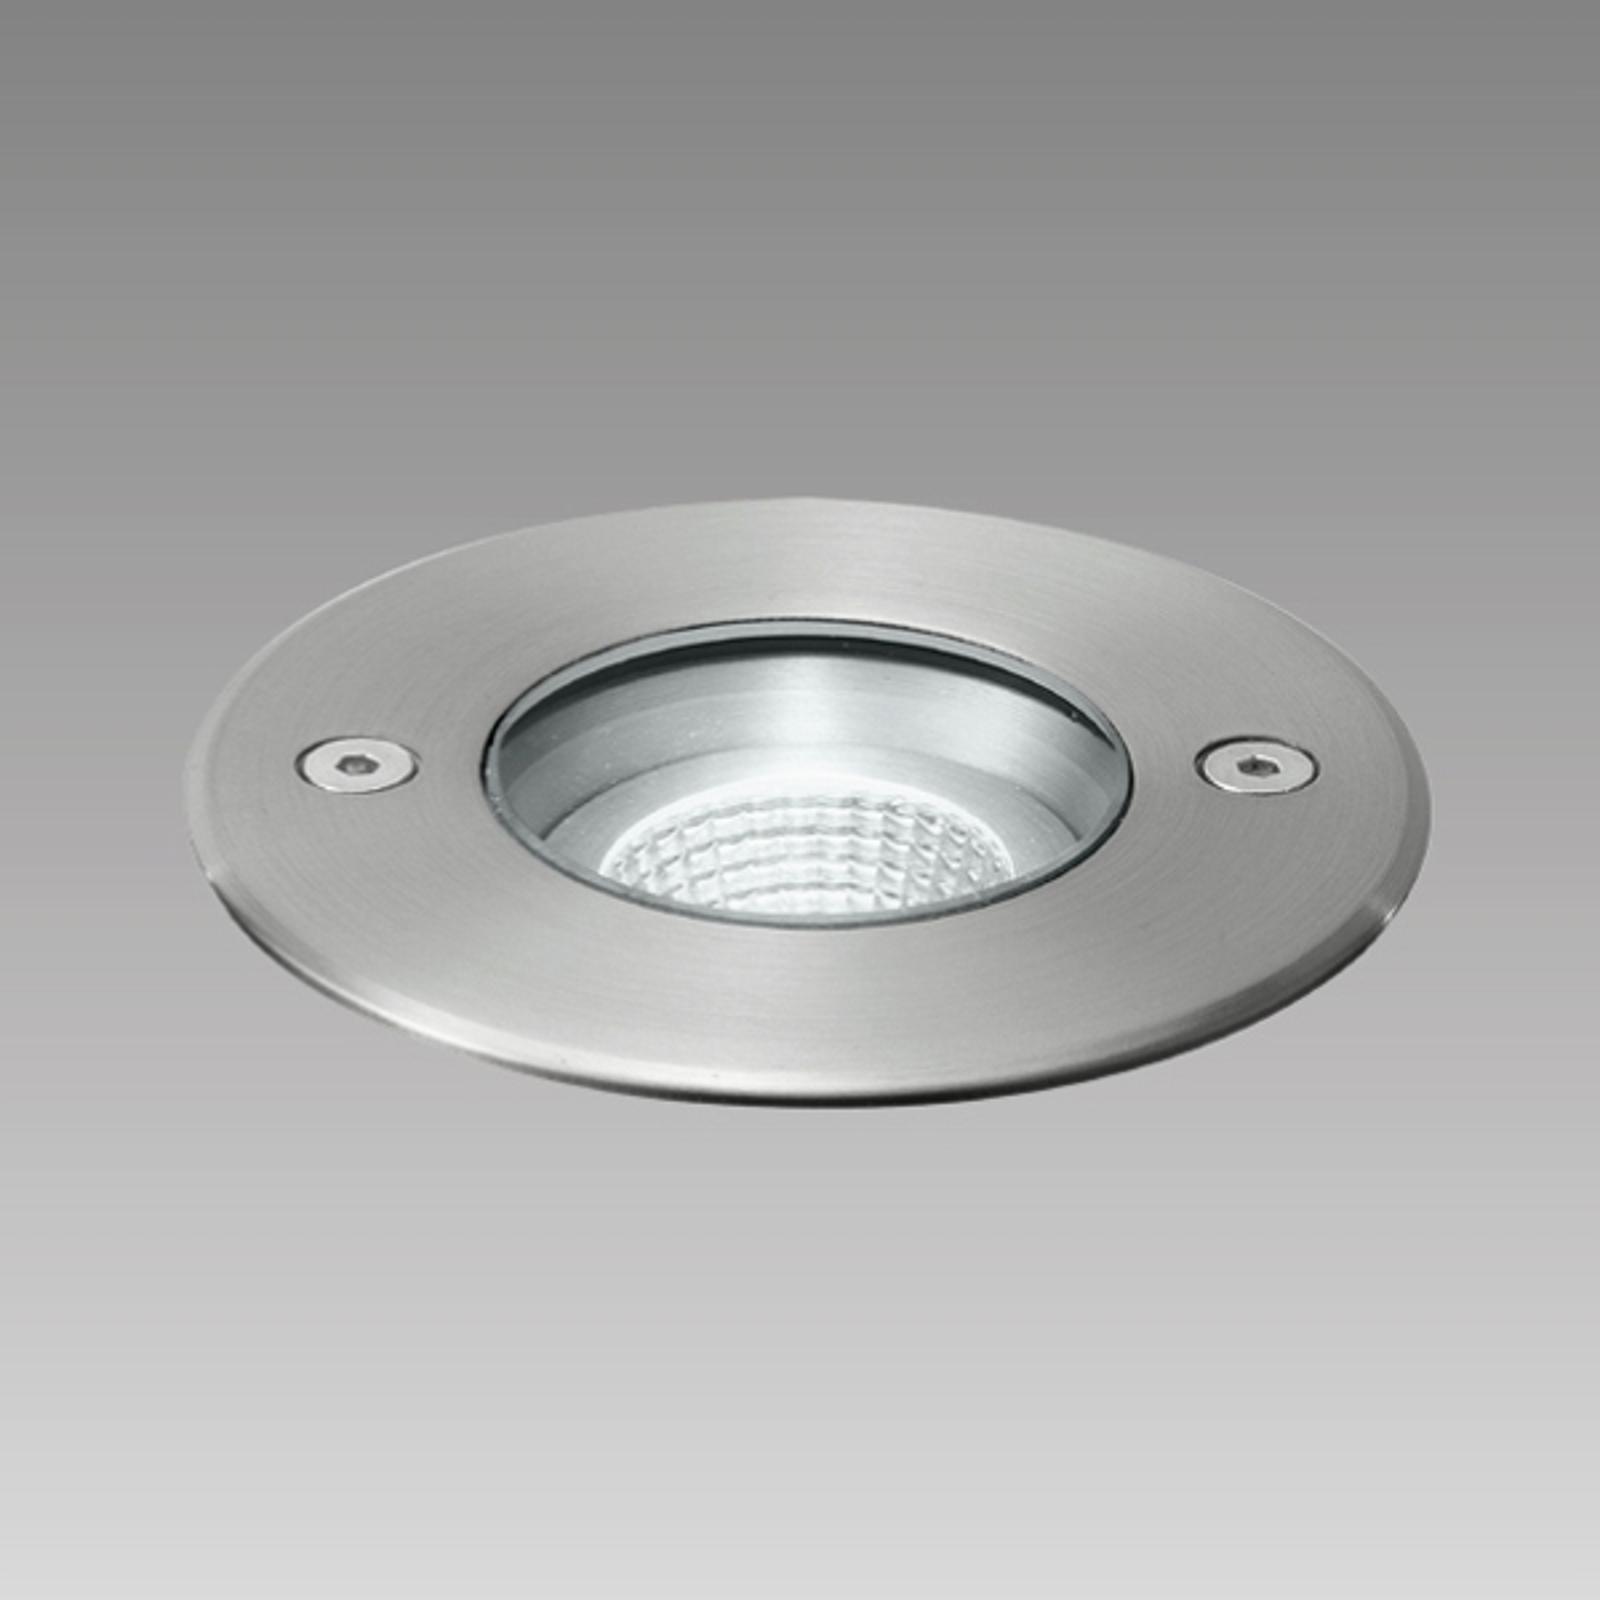 Frisco LED-indbygningsspot, rustfrit stål, IP67